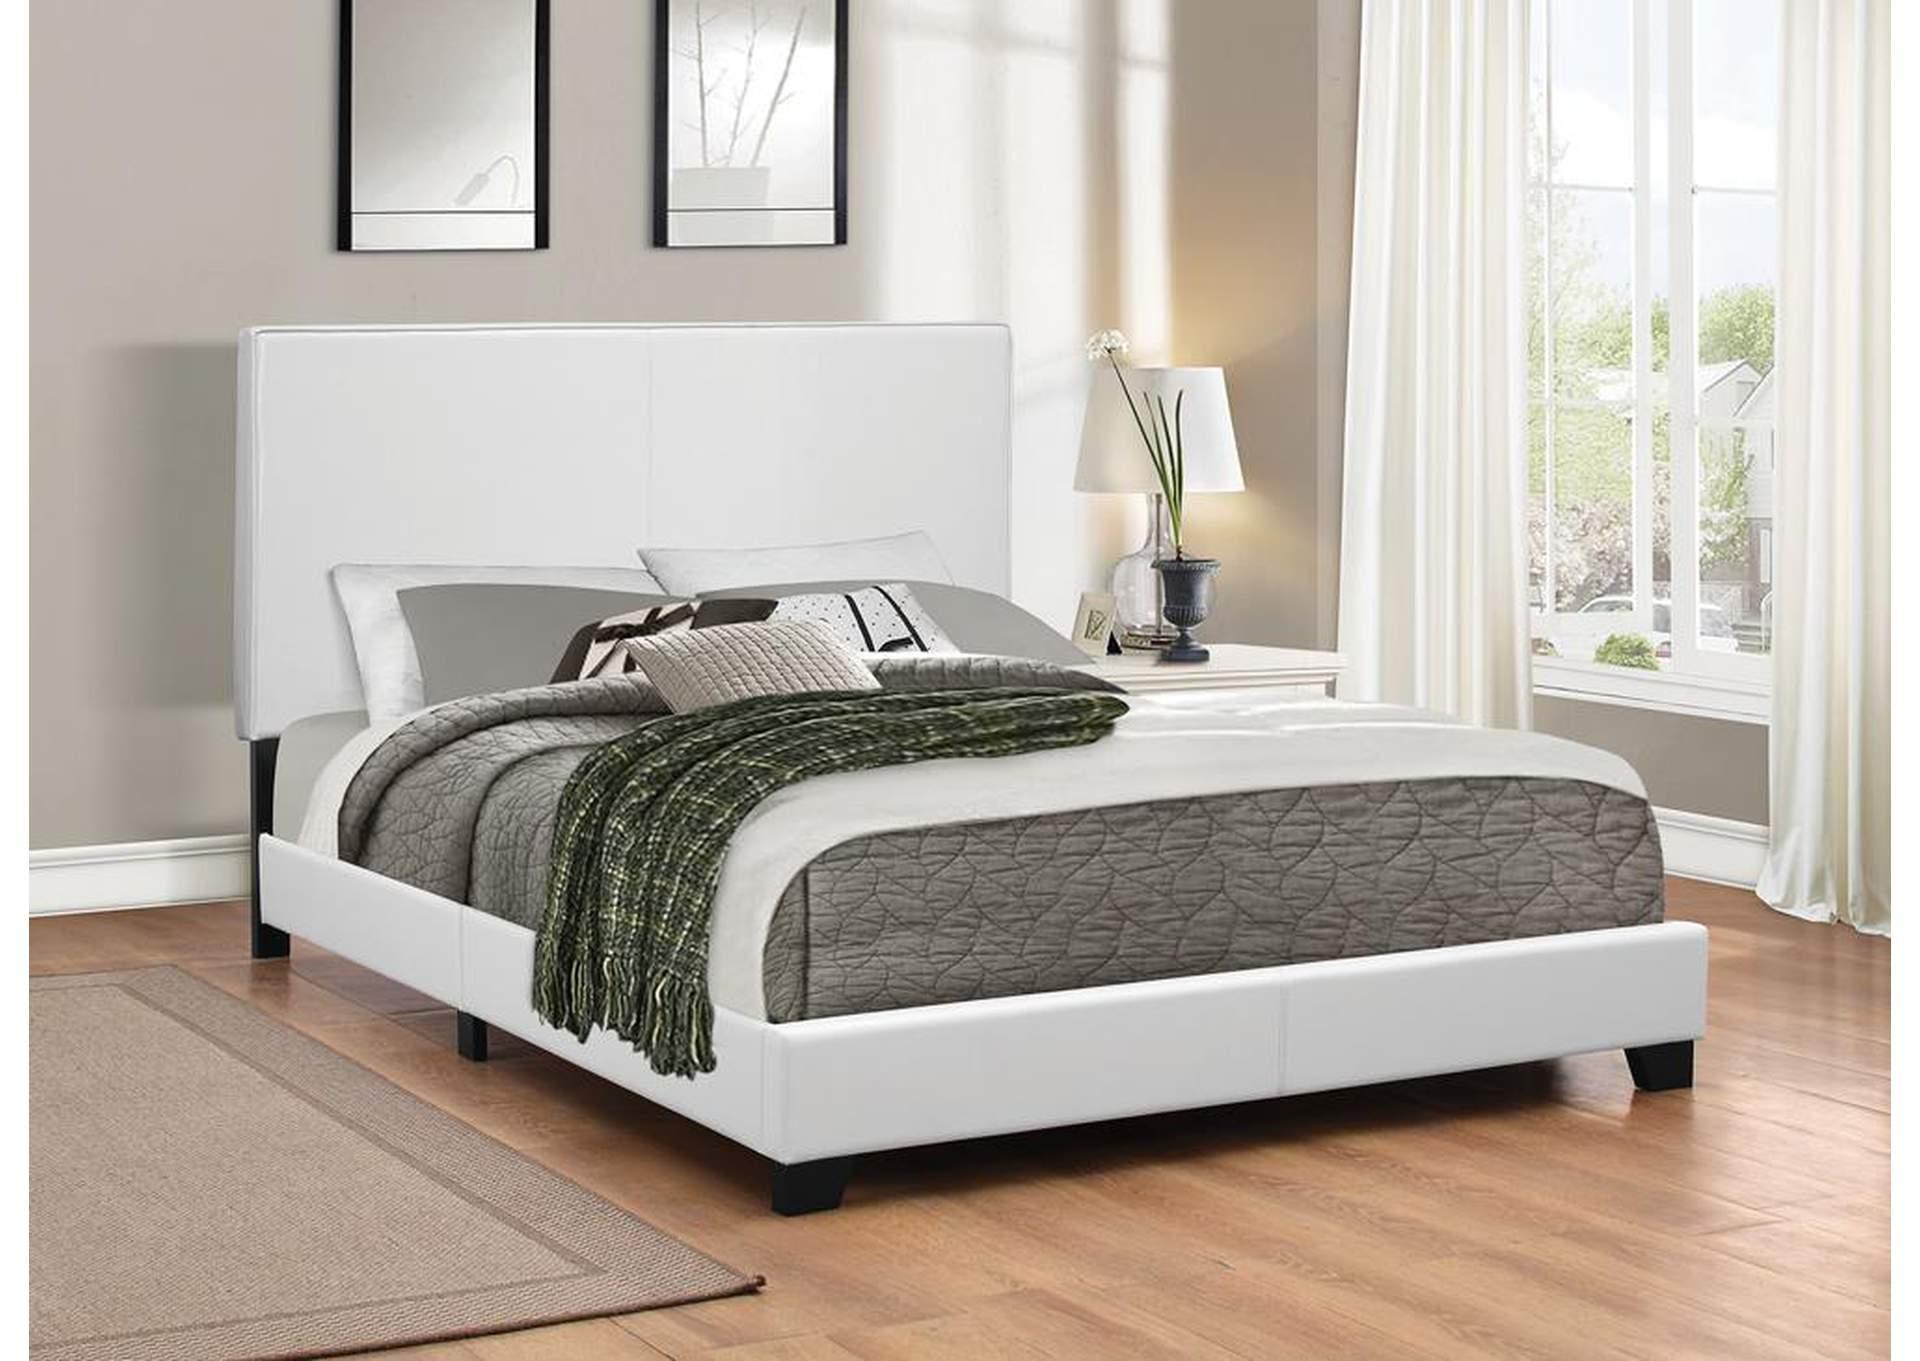 Flamingo furniture white full upholstered platform bed for Upholstered full bed